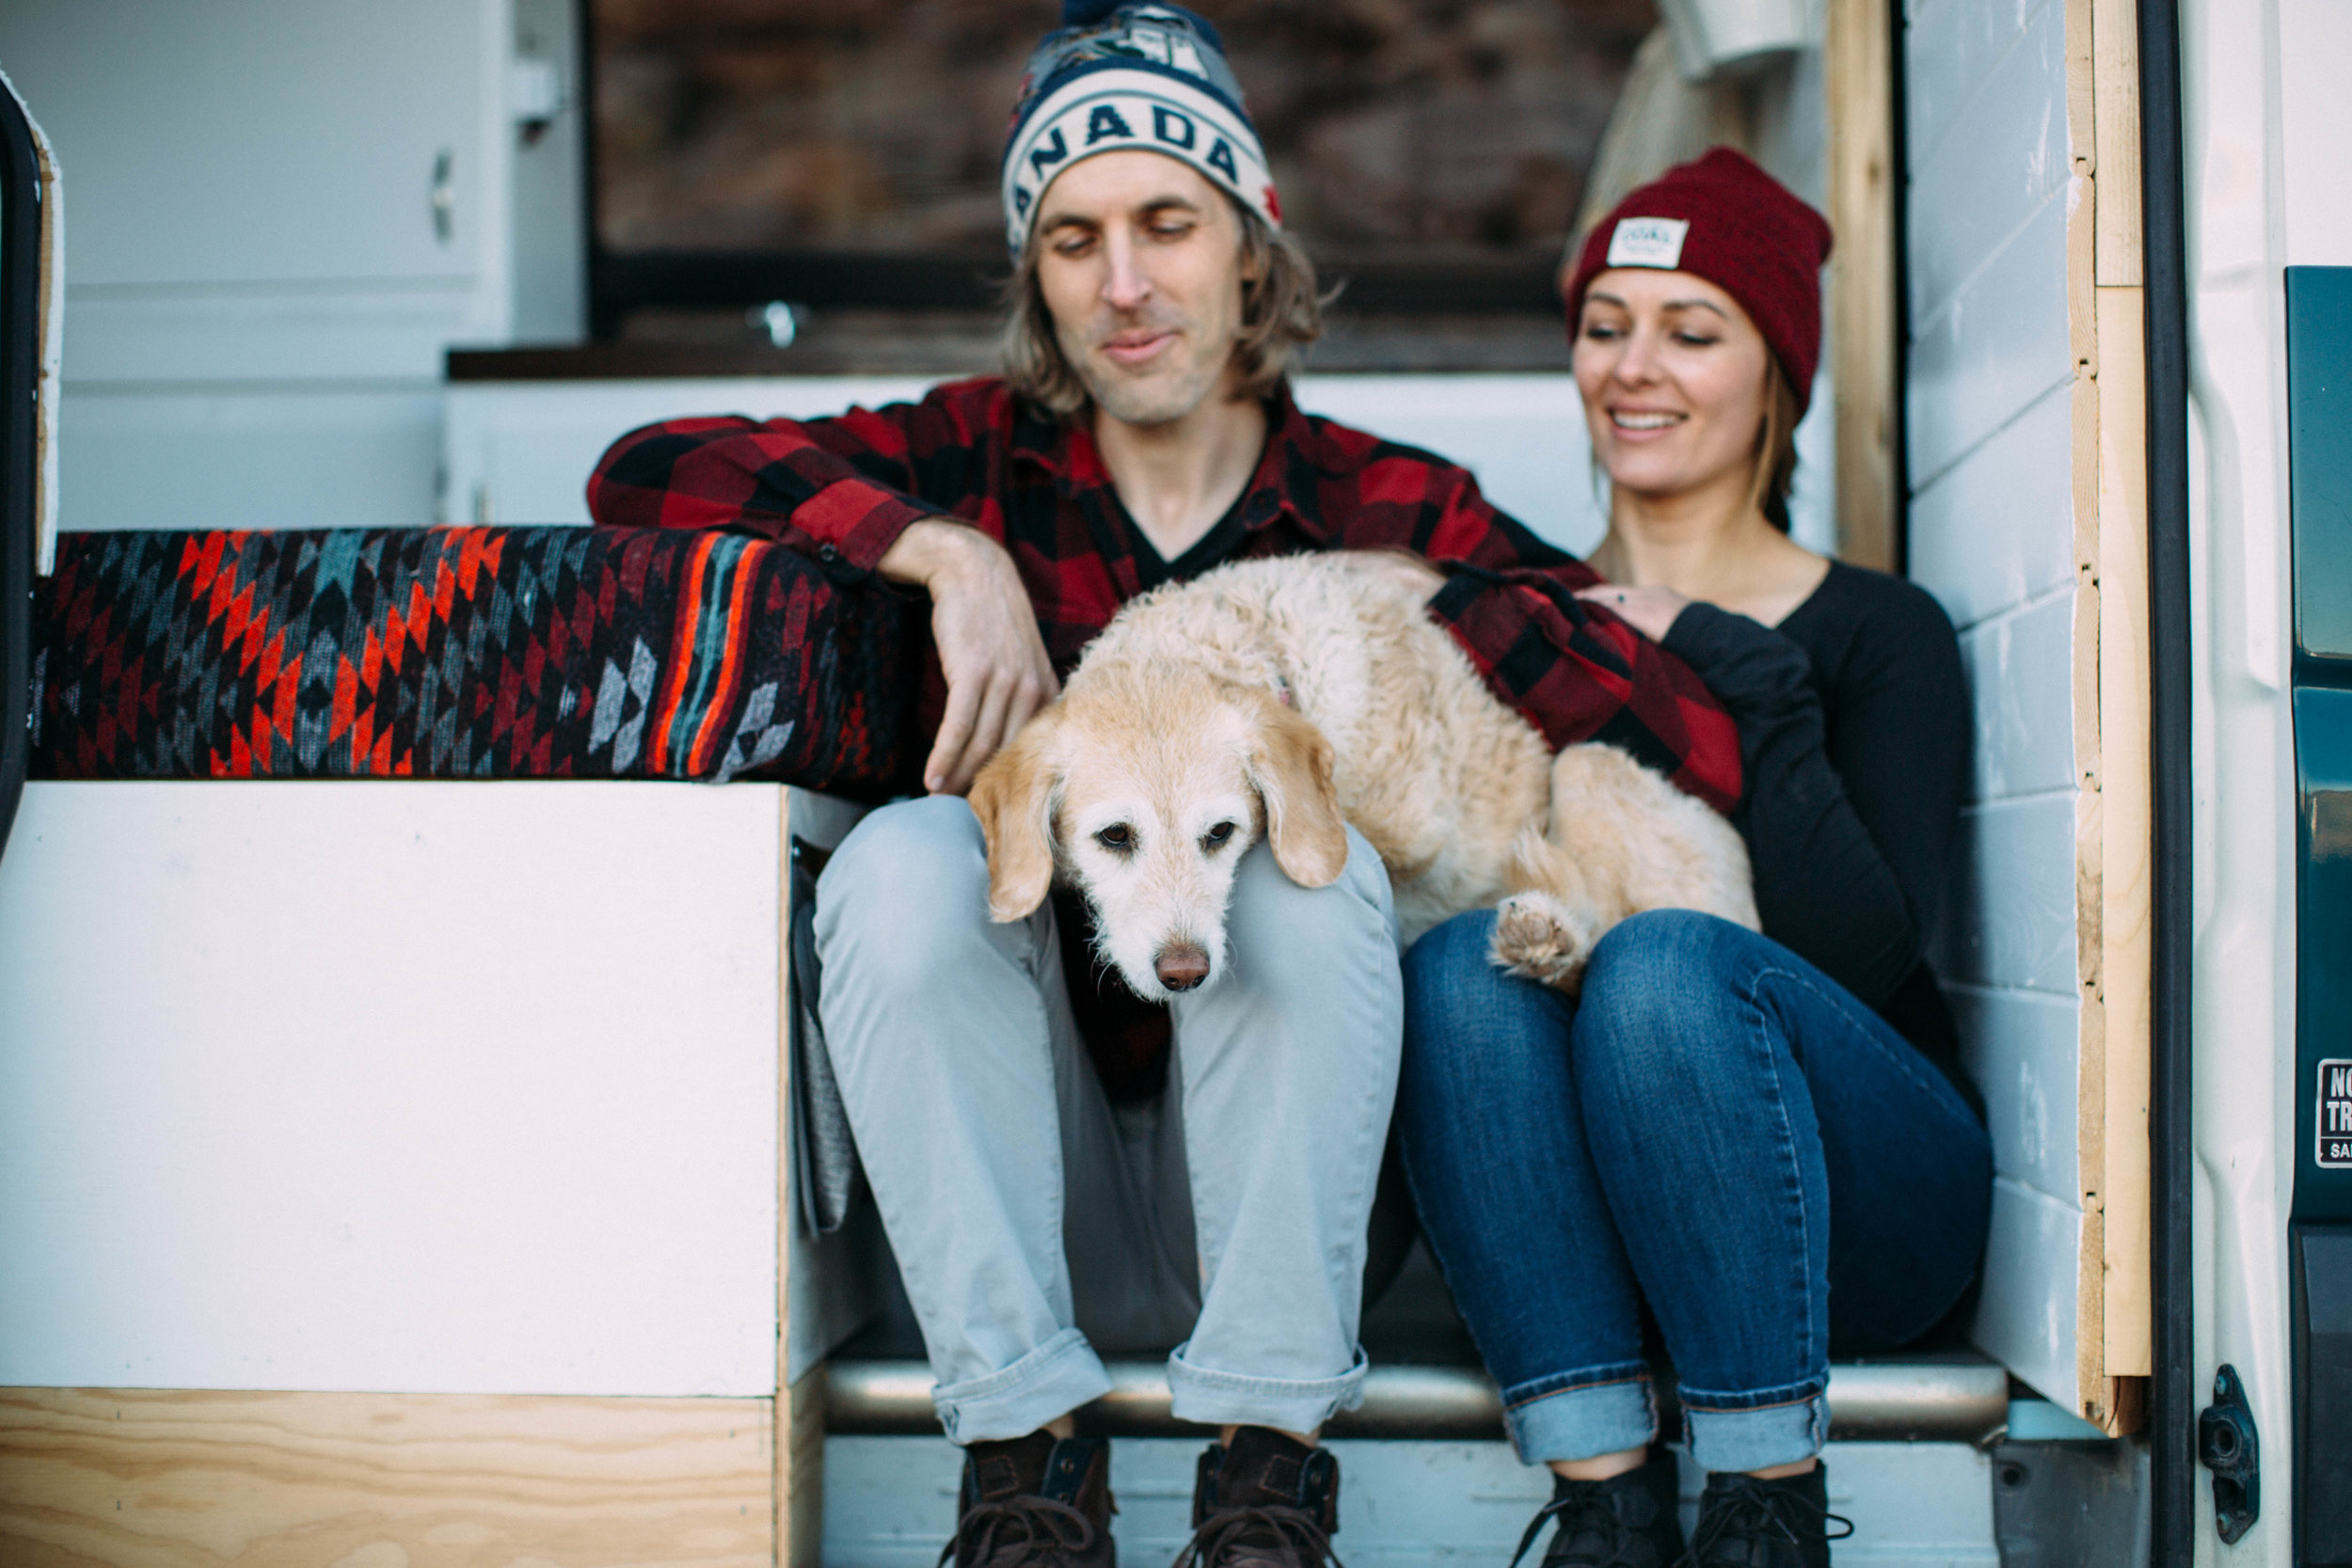 Cute-Dog-Vanlifers-Moab.jpg